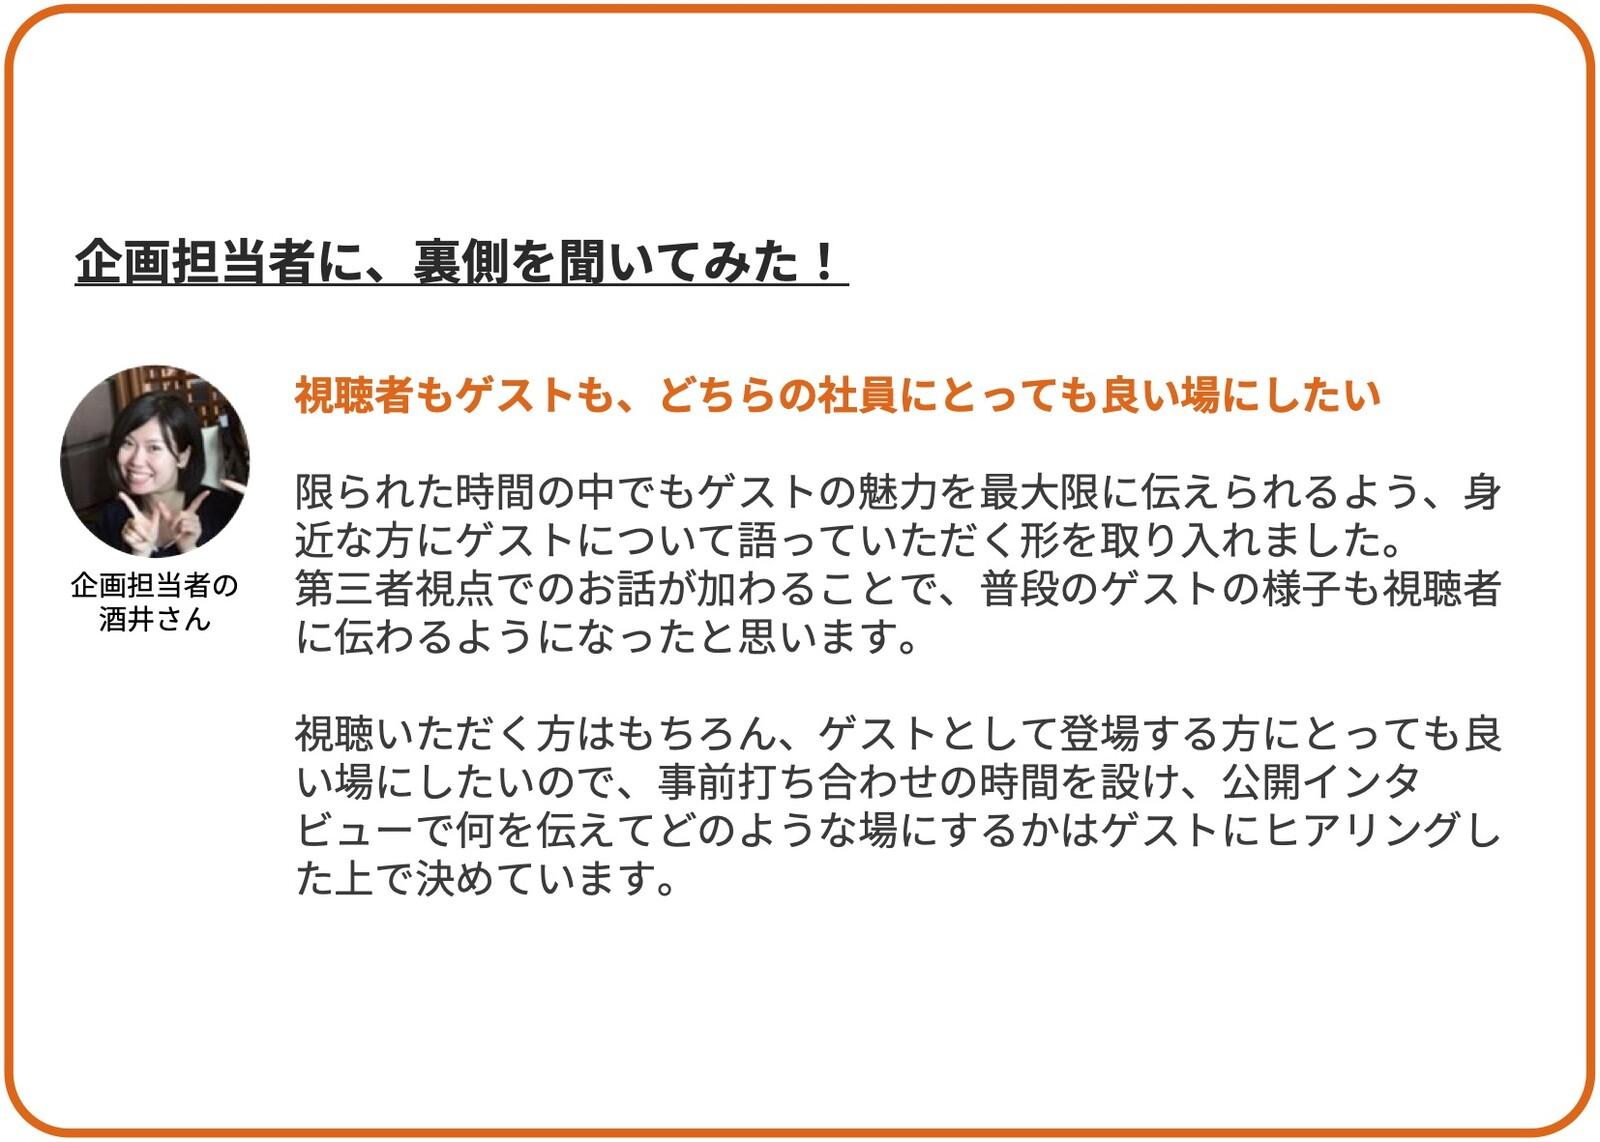 社内コミュニケーション3